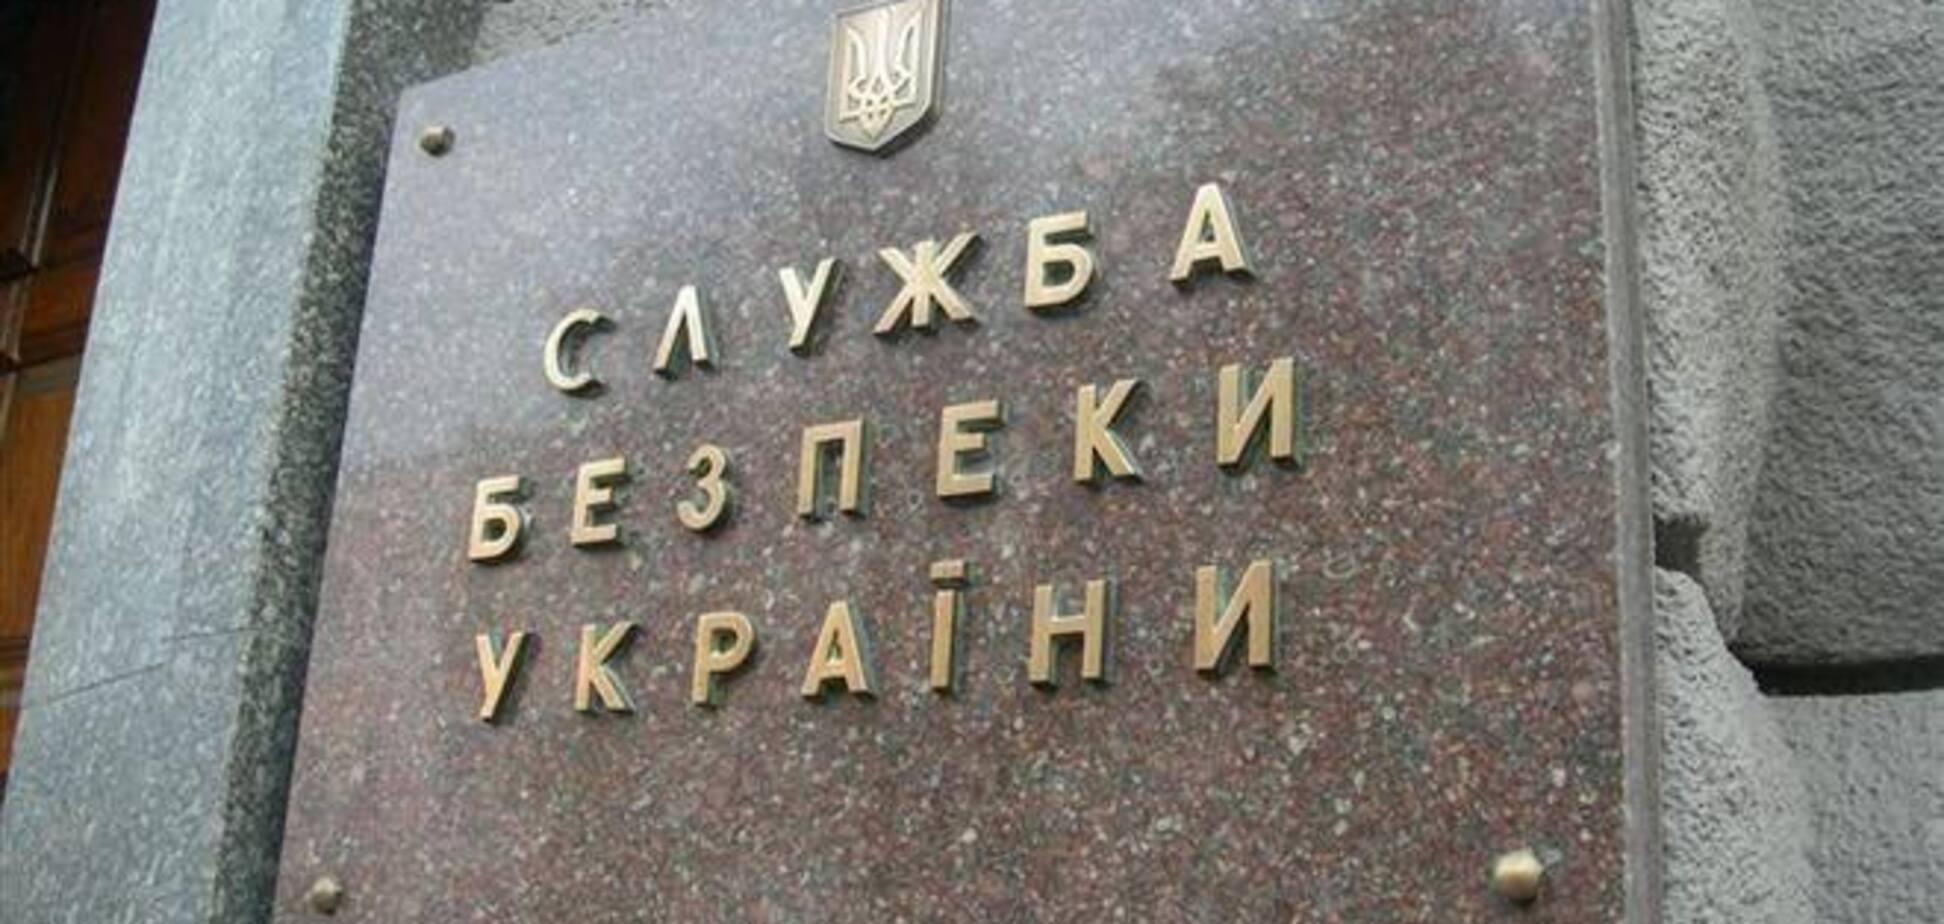 Руководители строительной компании присвоили 340 тыс. грн бюджетных средств - СБУ